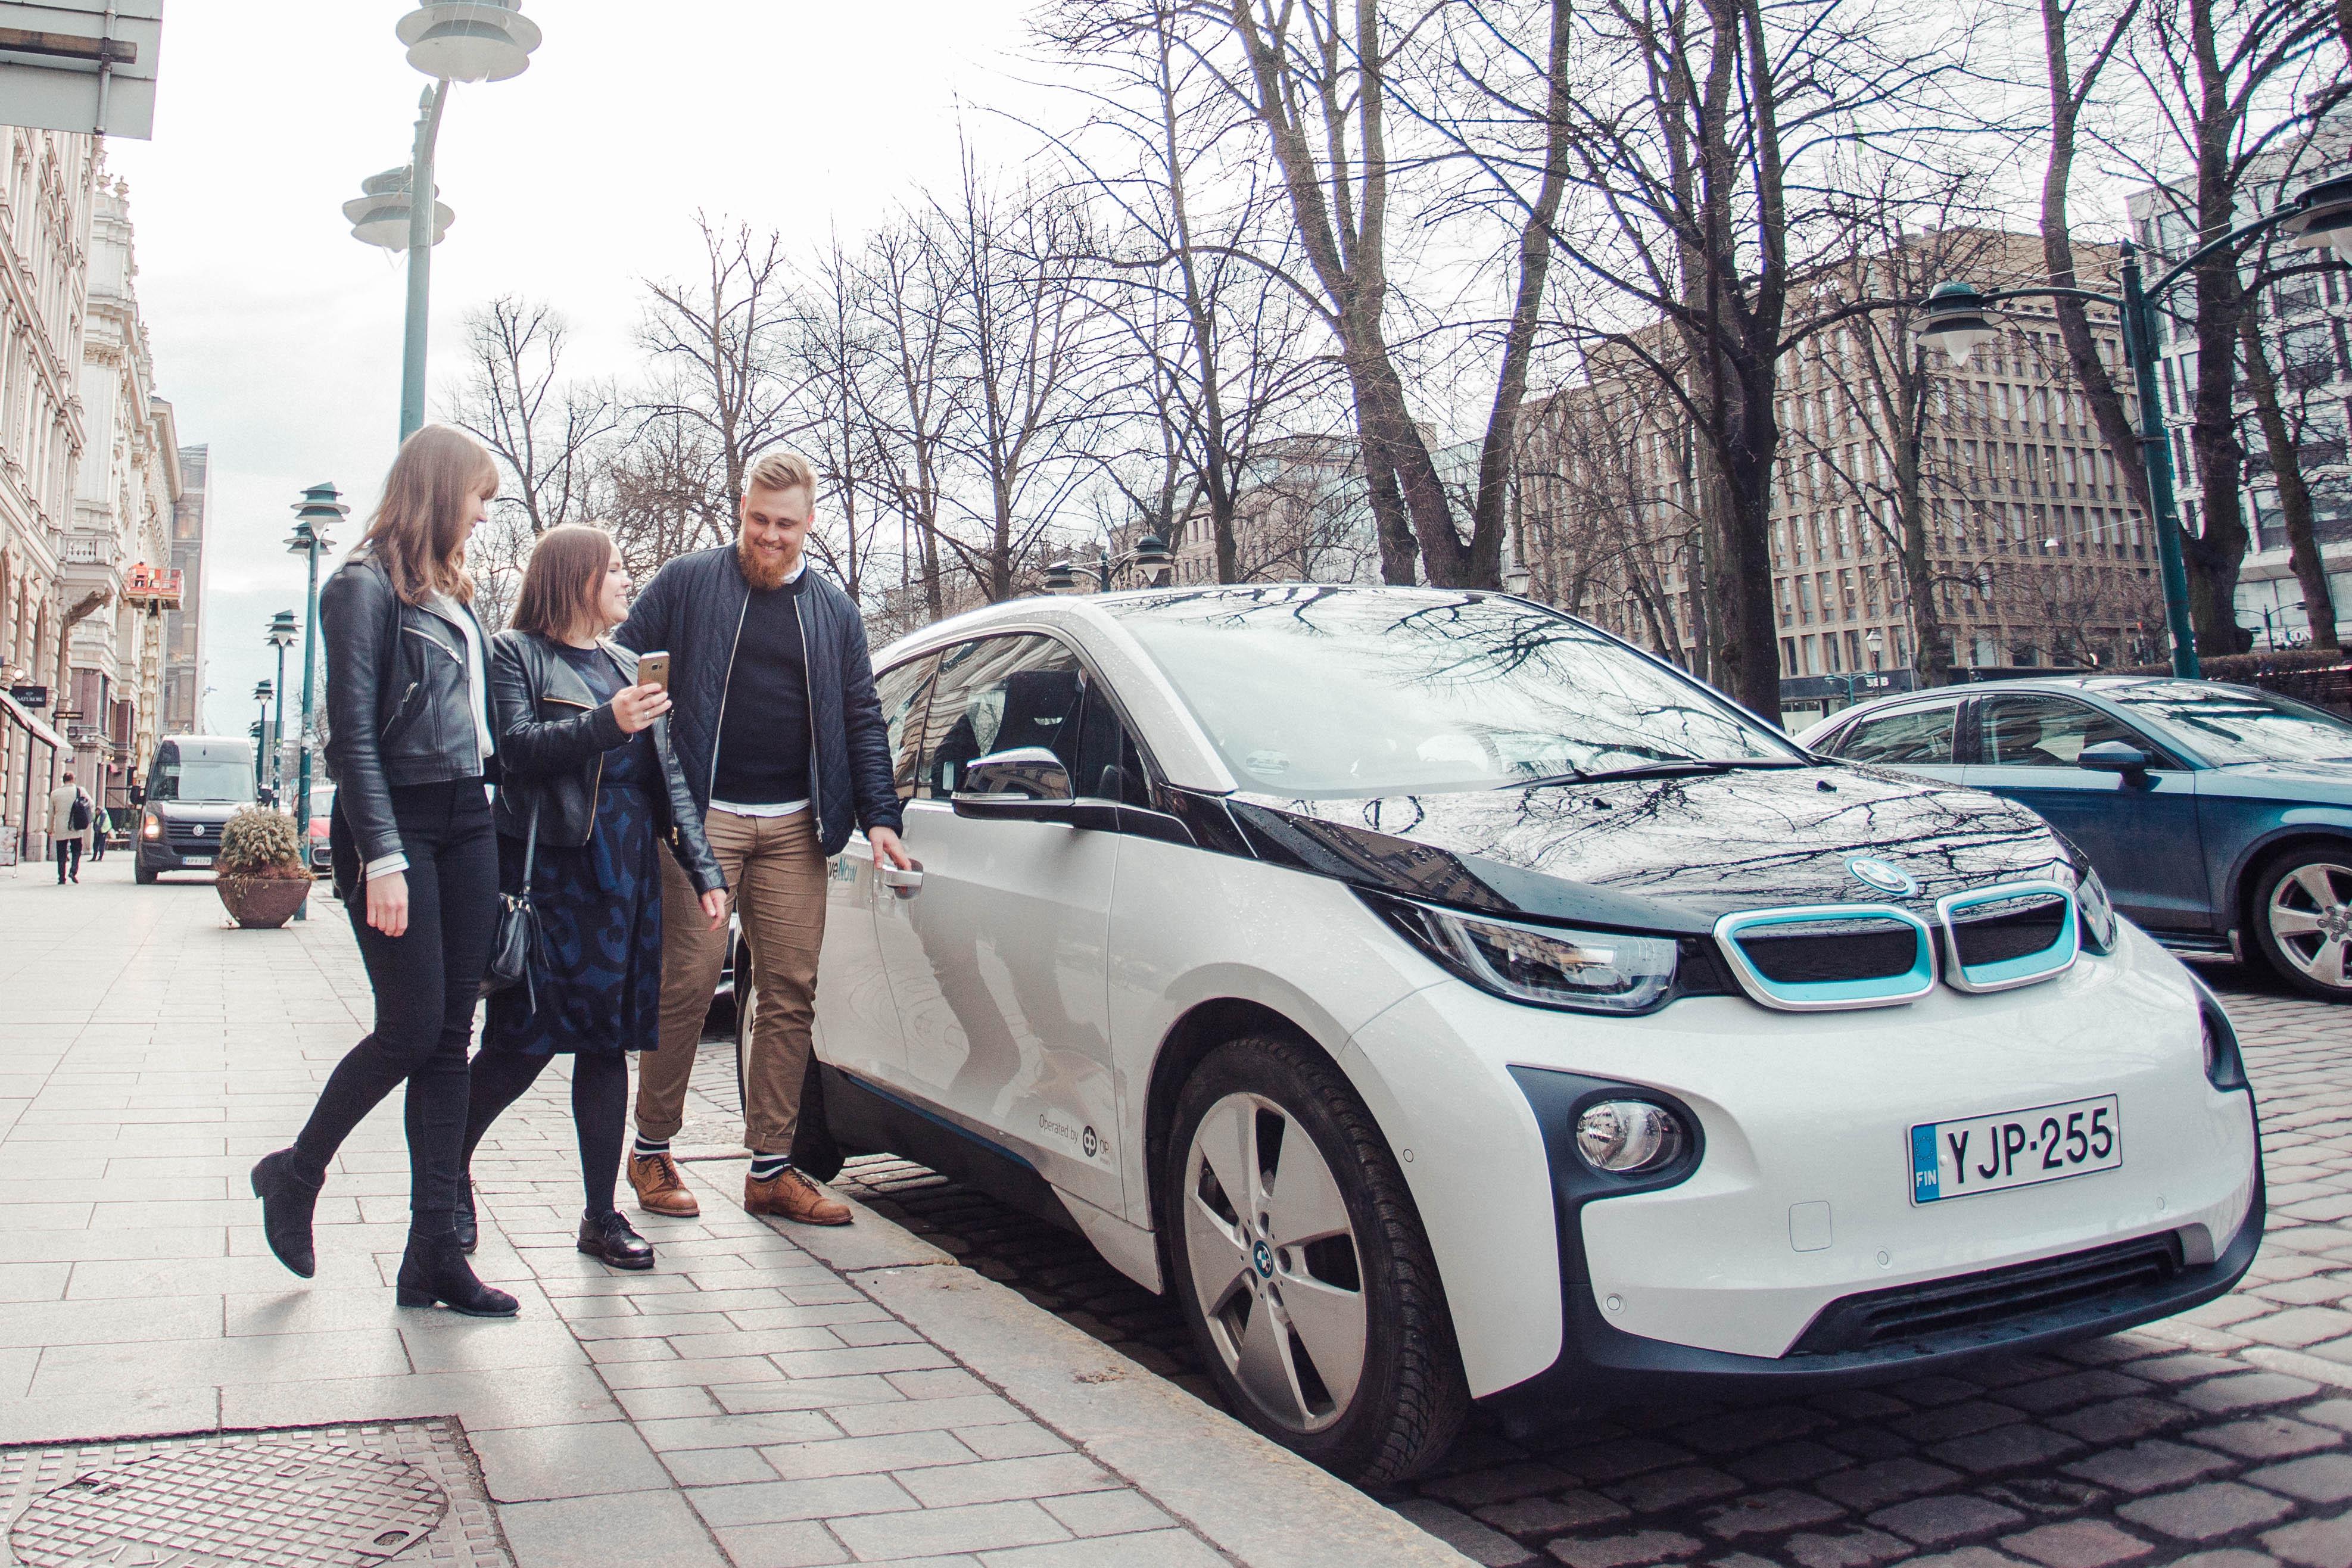 Jo yli 26 000 kaupunkiautoilijaa Helsingissä.